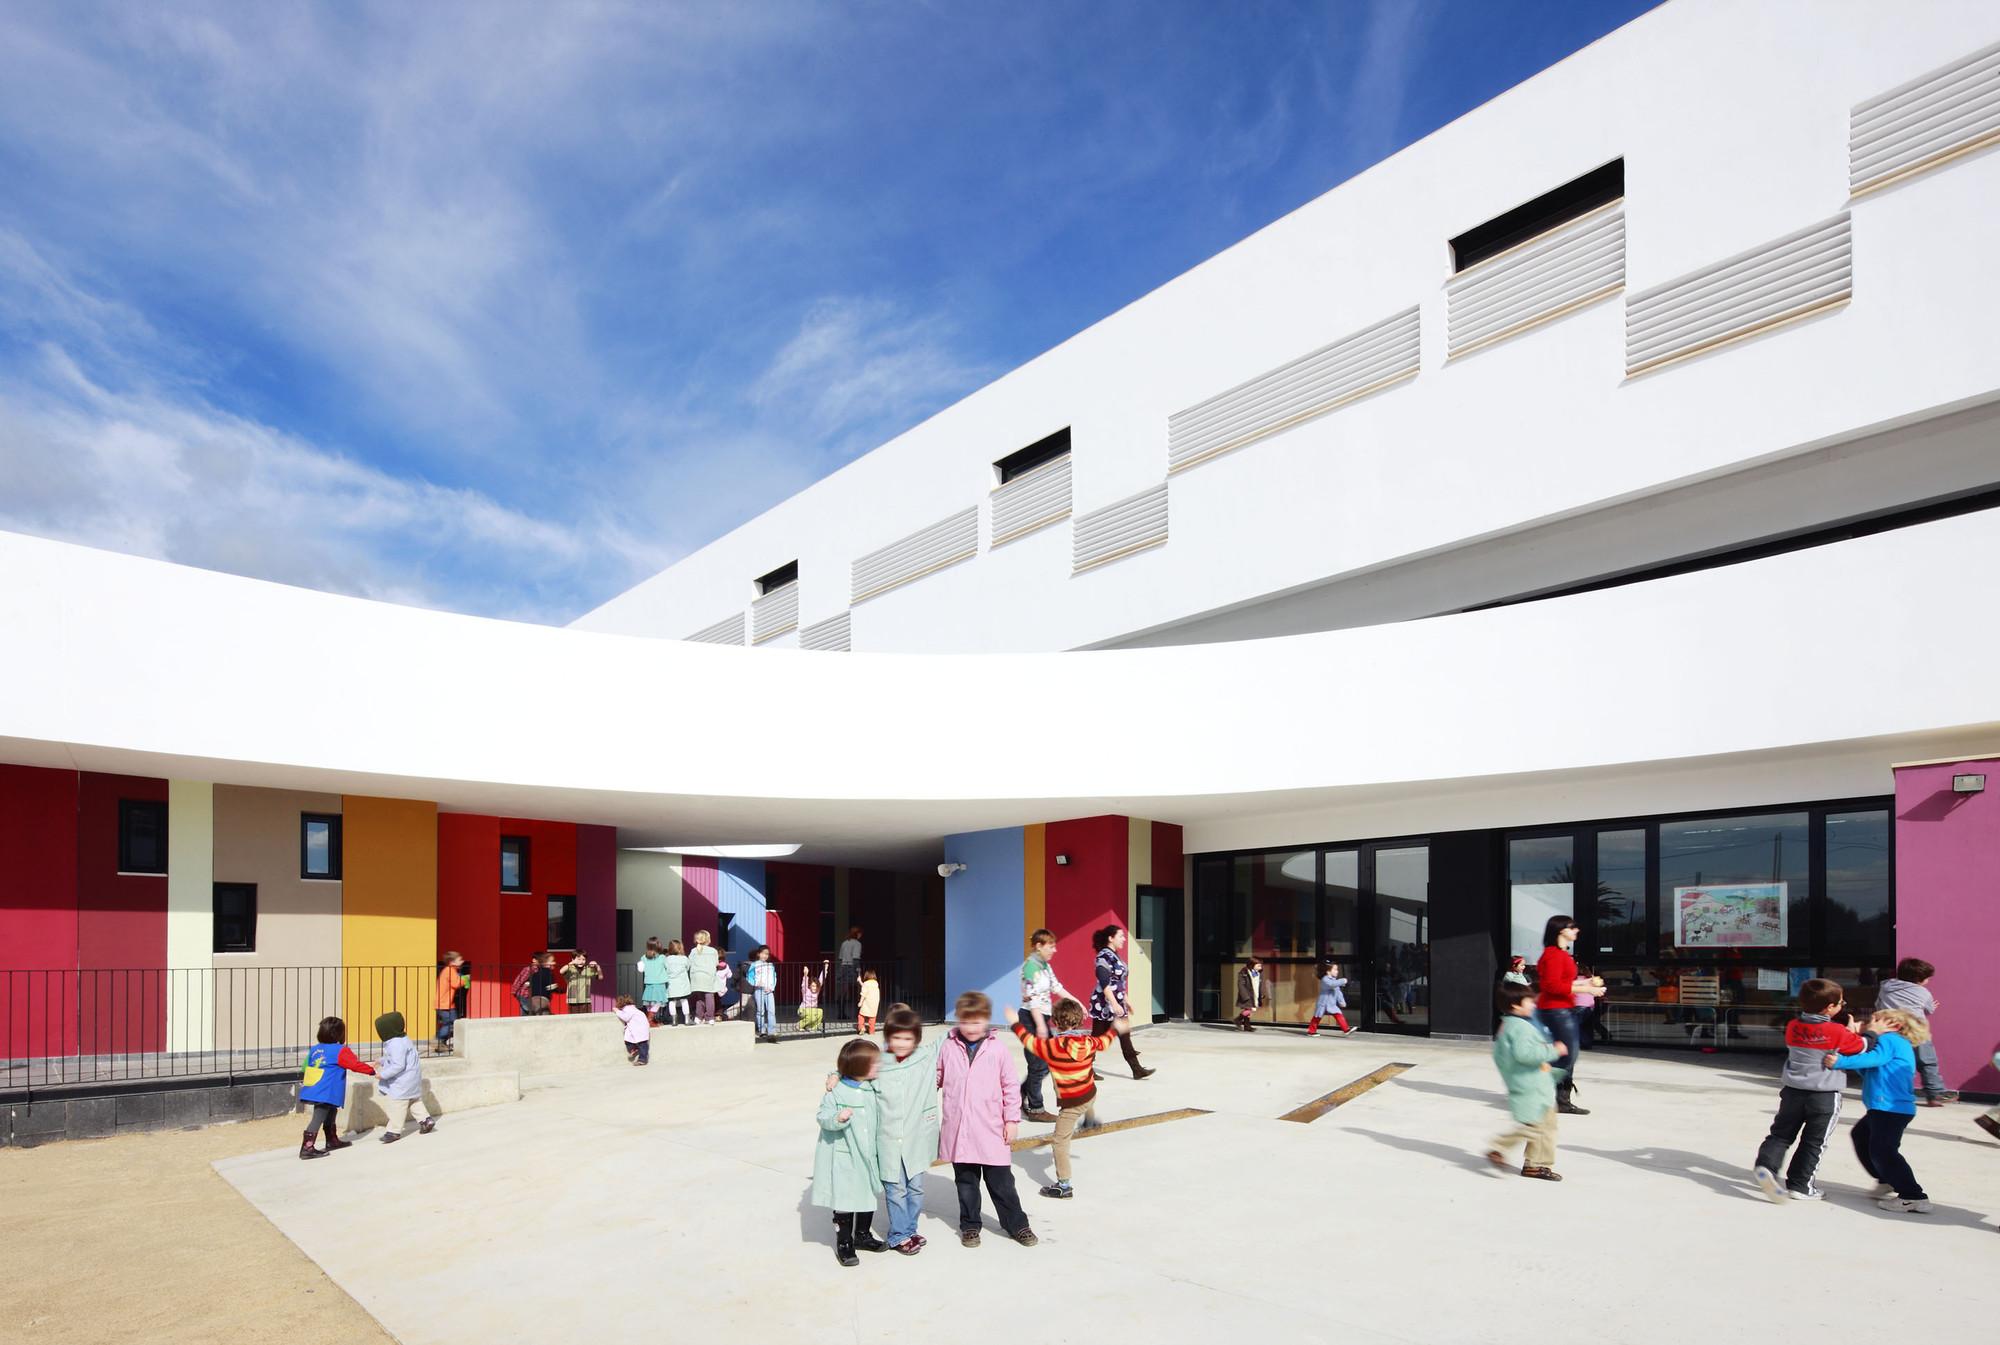 Binissalem School Complex / RIPOLLTIZON, © José Hevia